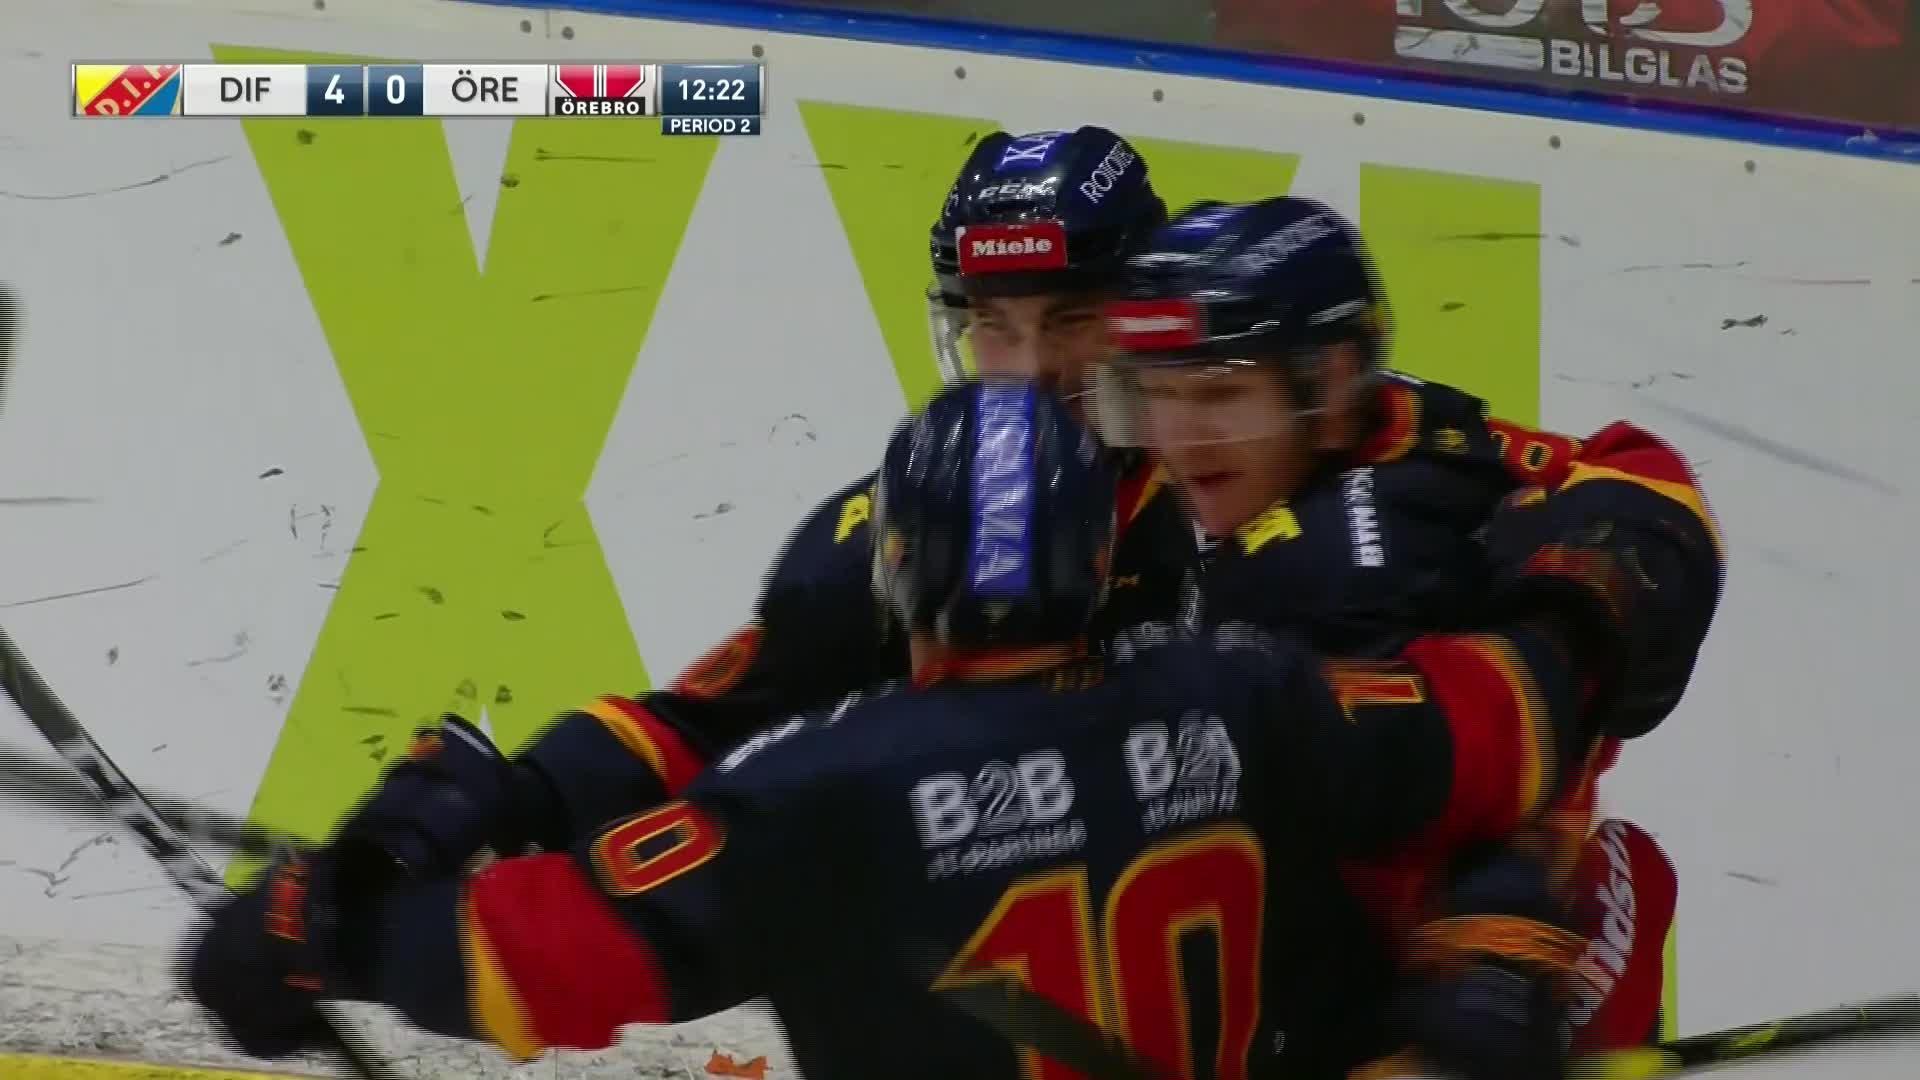 Djurgården Hockey - Örebro Hockey 4-0